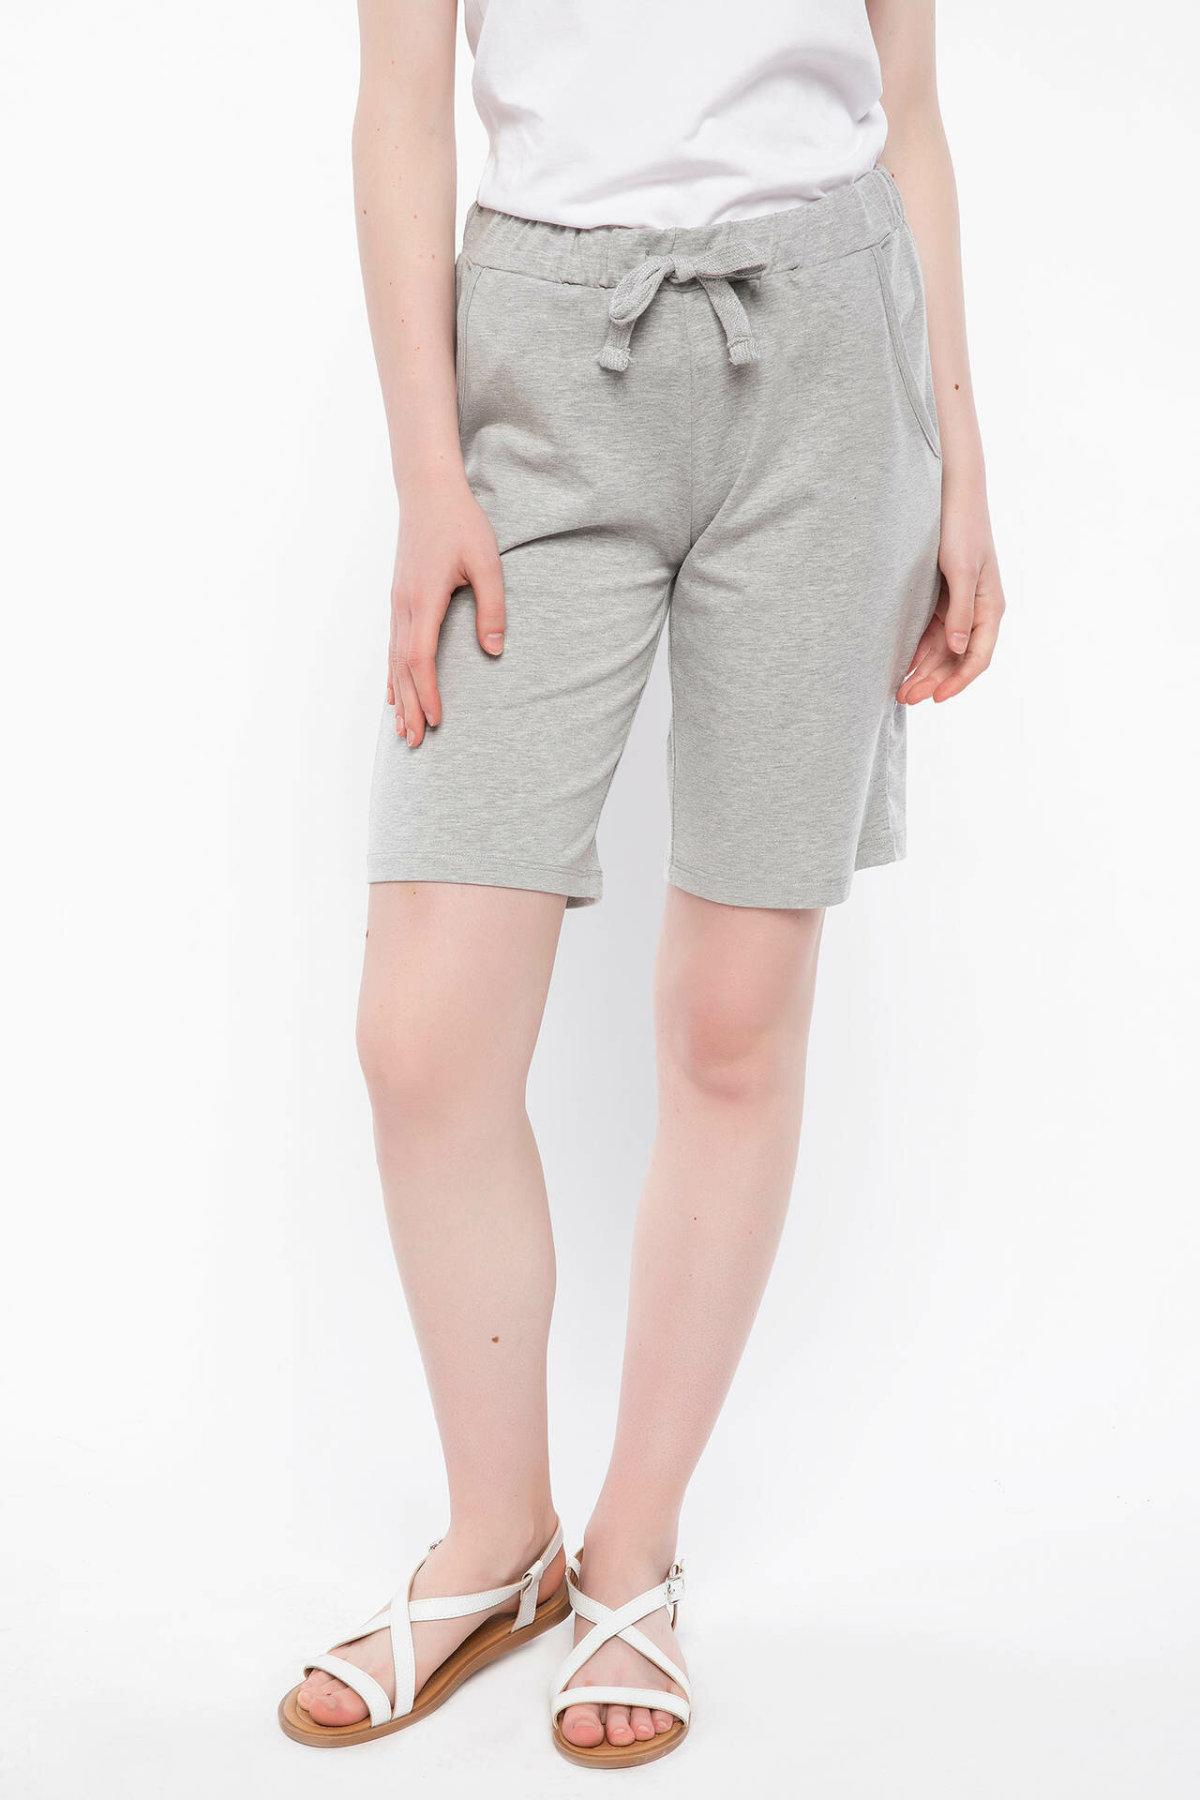 DeFacto Trendy Light Grey Women Summer Shorts Adjustable Casual Street Beach Style Woman Short Pants J6454AZ18HSGR210-J6454AZ18HS